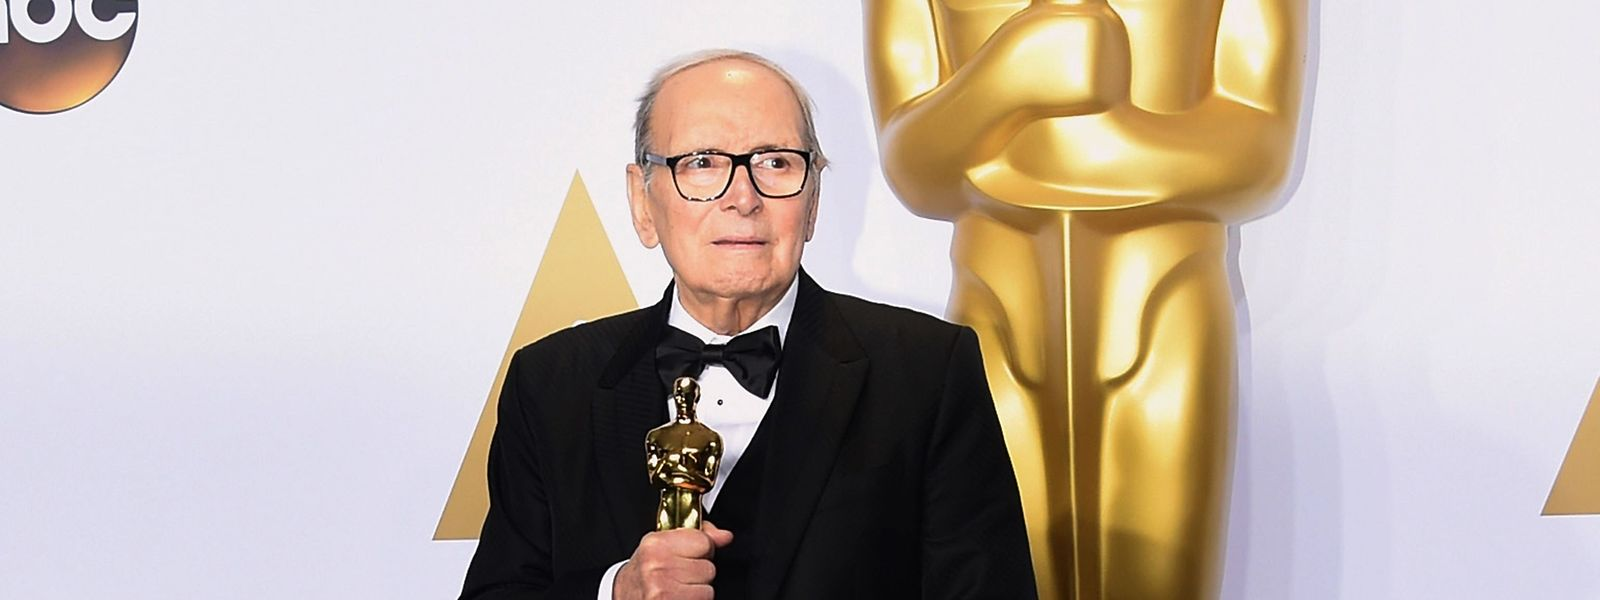 Six fois nominé aux Oscars, le musicien attendra l'âge de 87 ans pour recevoir la célèbre statuette.